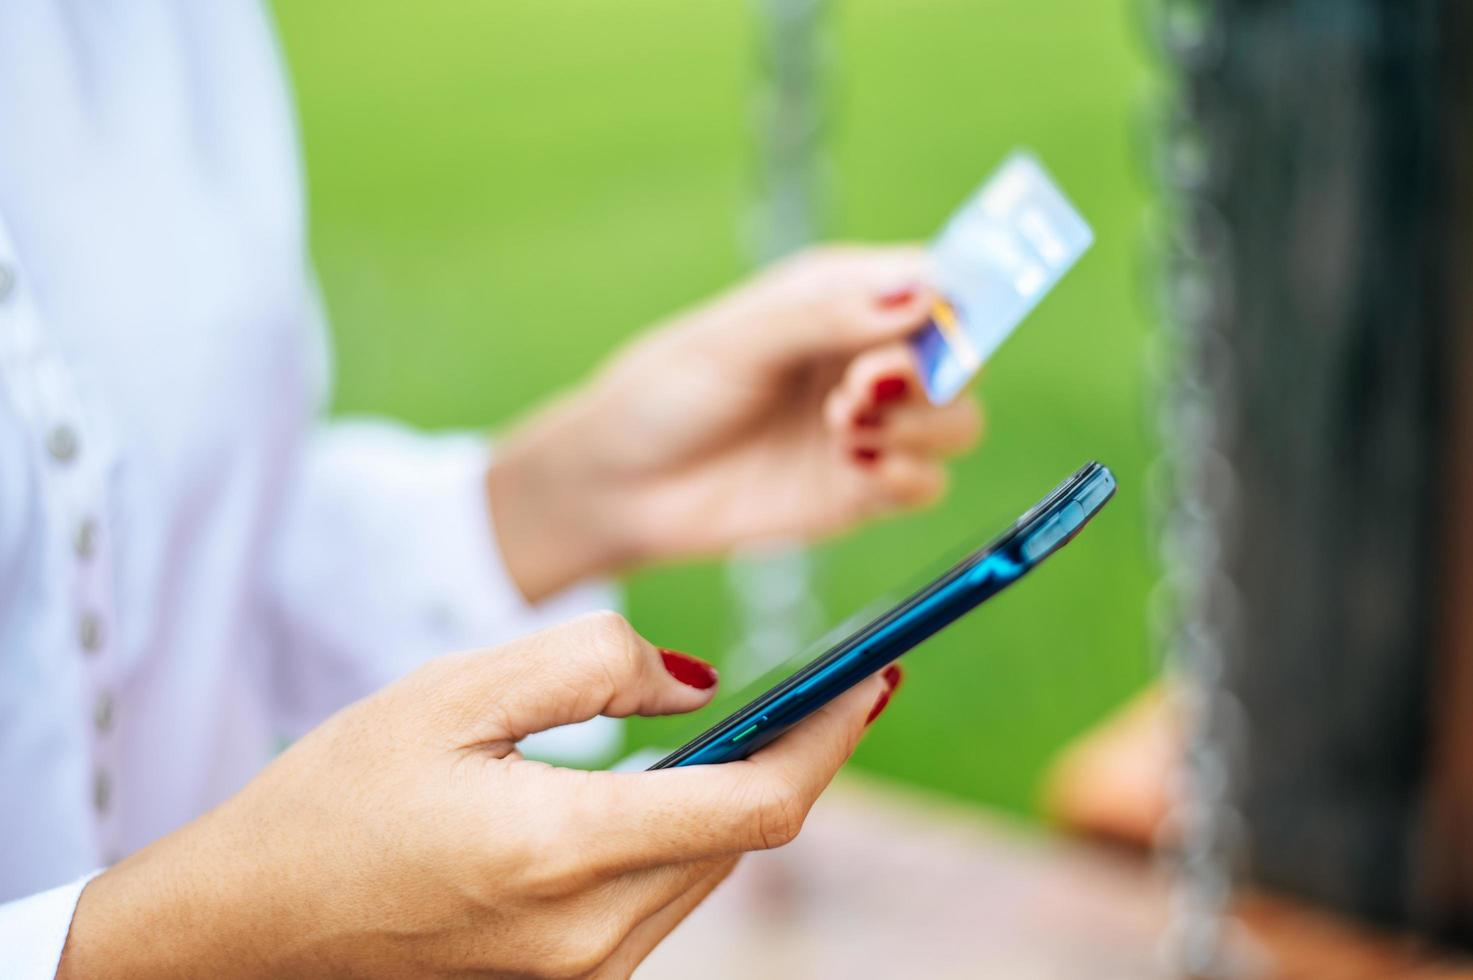 pago de bienes con tarjeta de crédito a través de teléfono inteligente foto